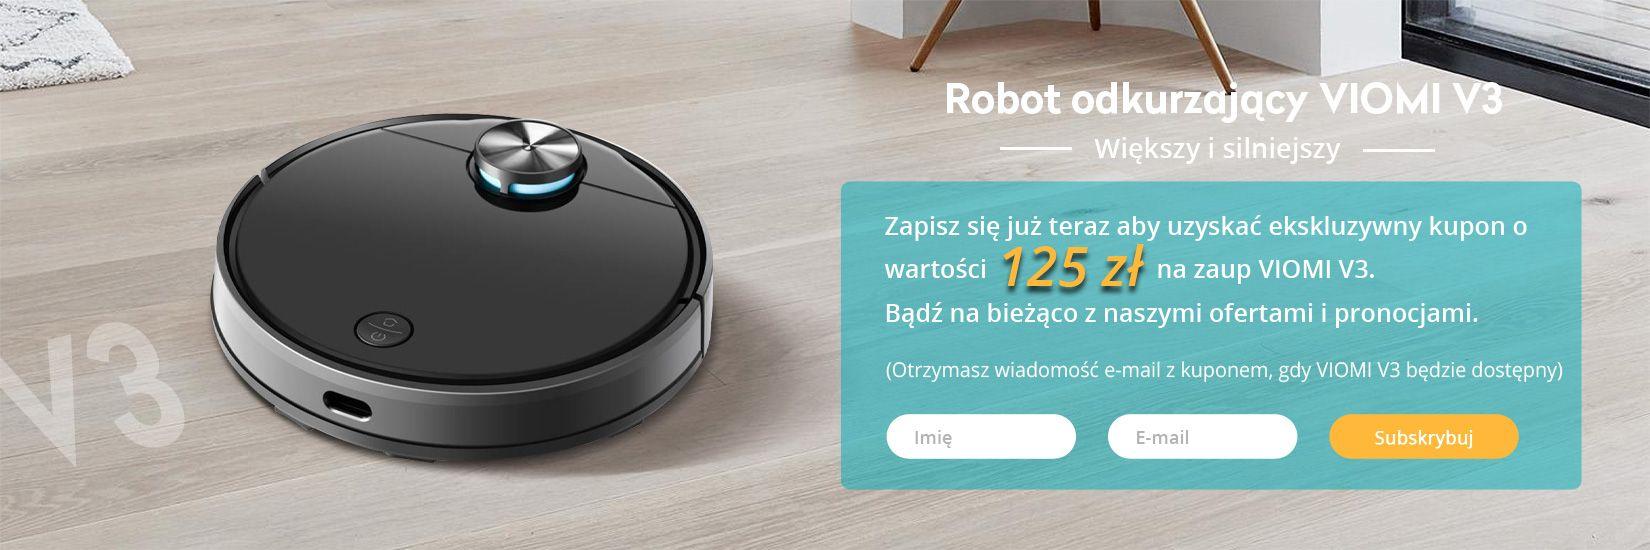 Odkurzacz robota Xiaomi VIOMI V3 Subskrybuj działania - Geekbuying.pl